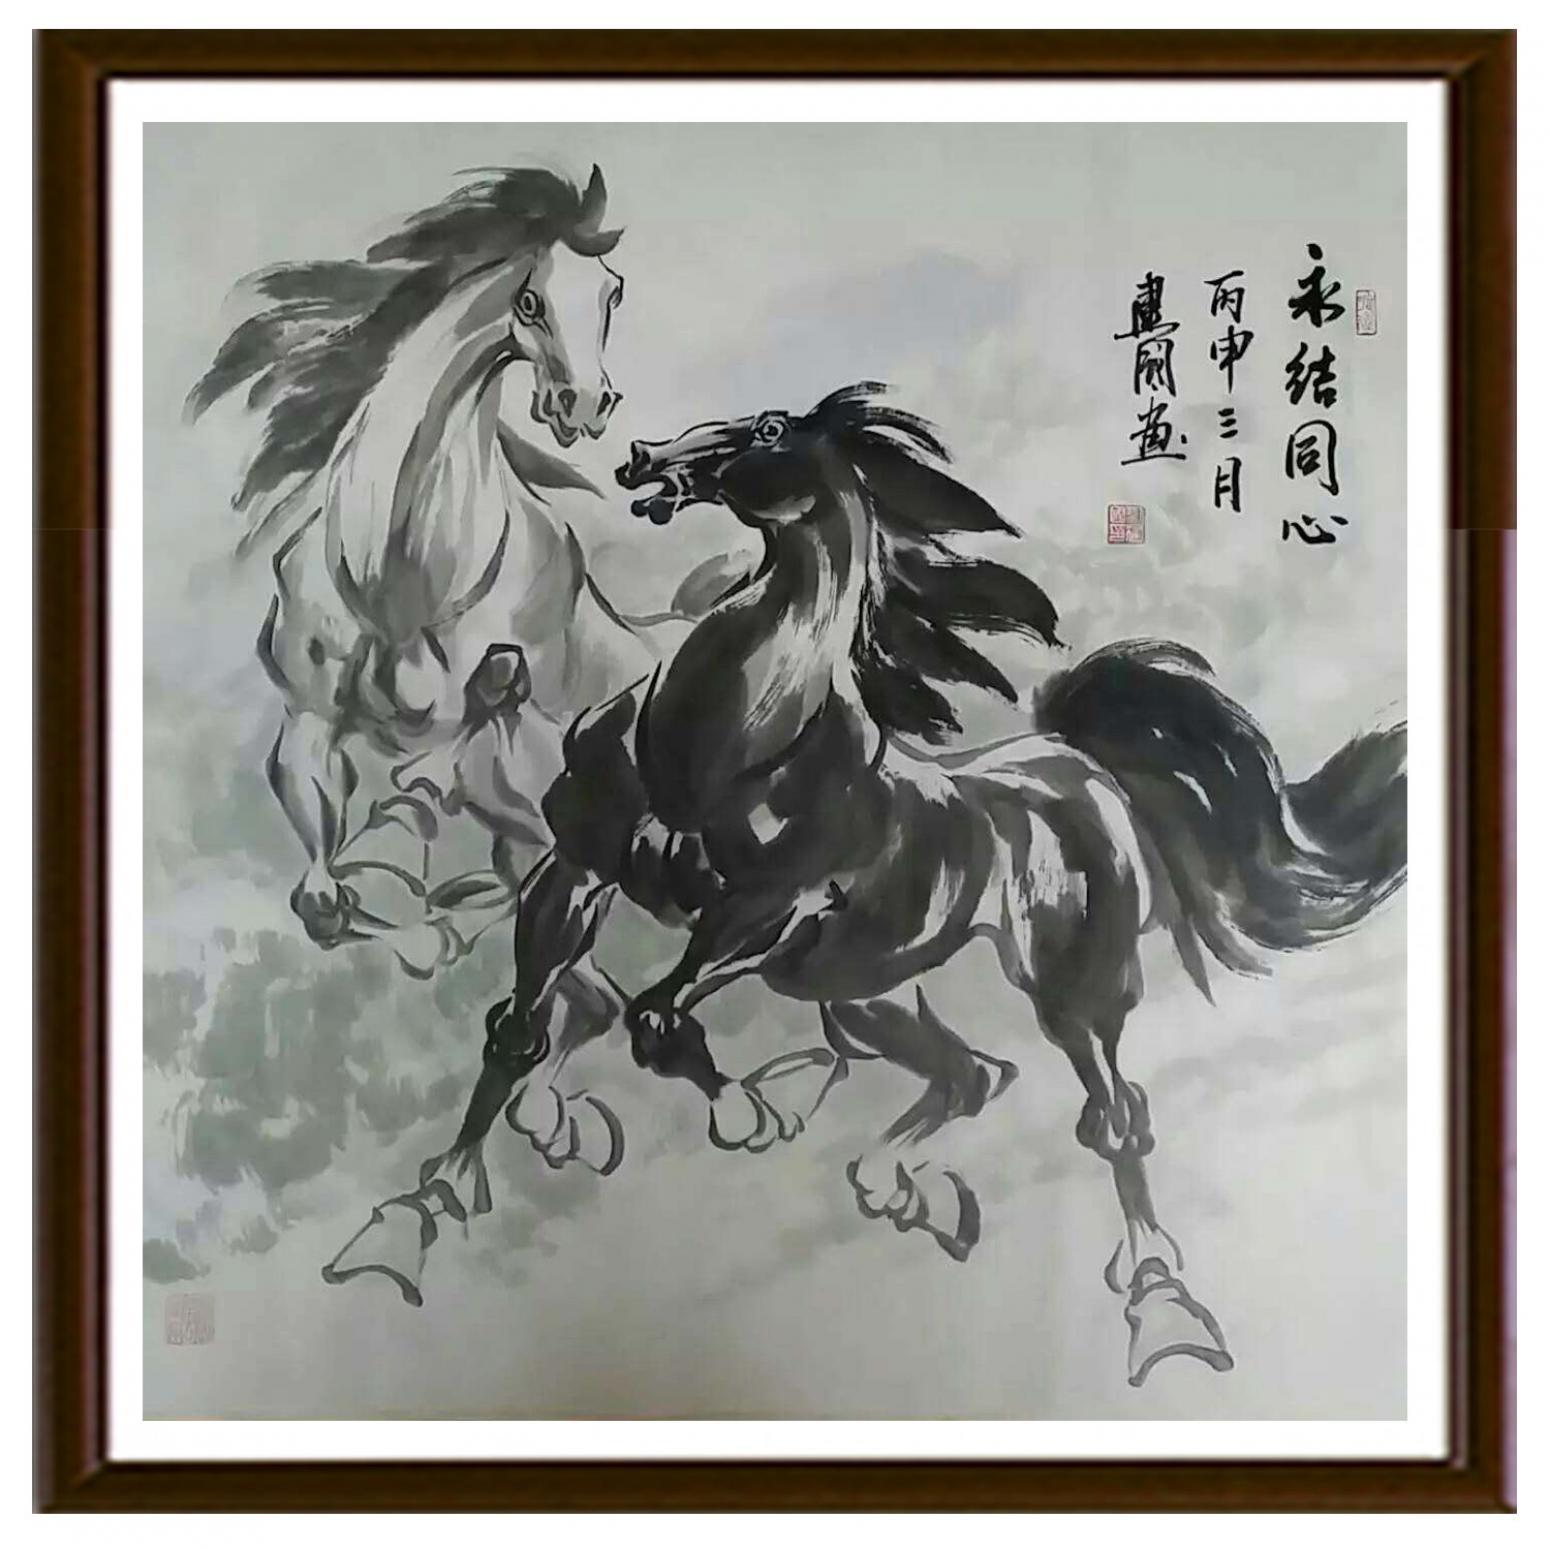 刘建国国画作品《【永结同心】作者刘建国》【图2】